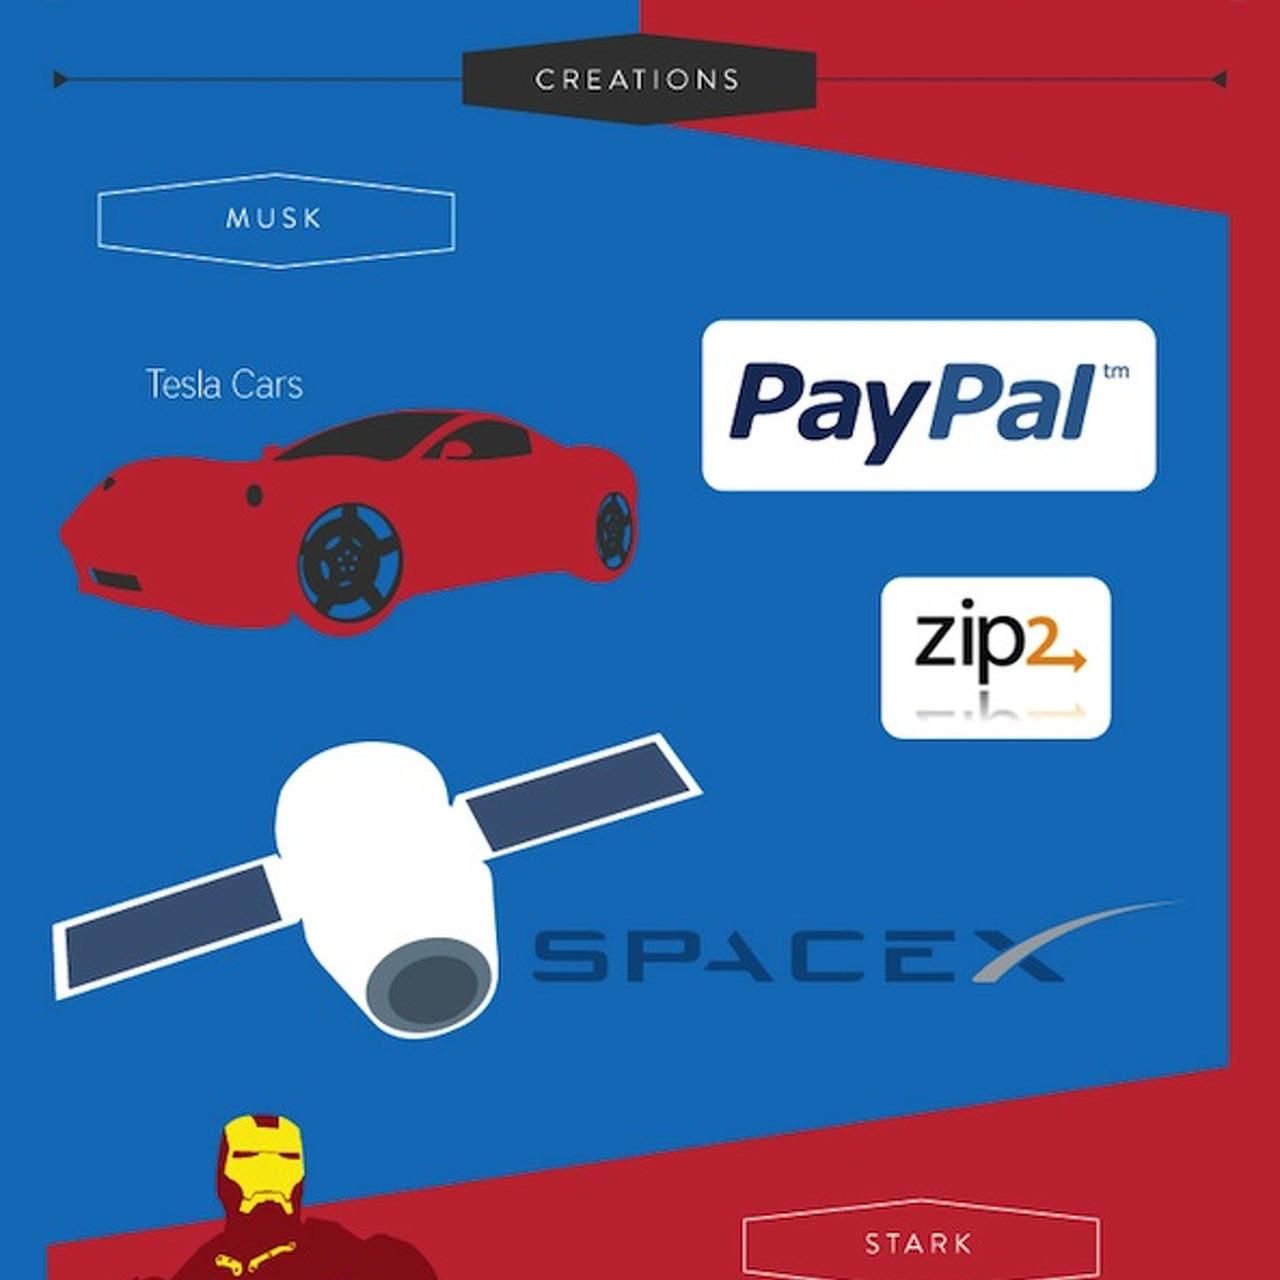 Elon Musk: The Real Life Tony Stark?